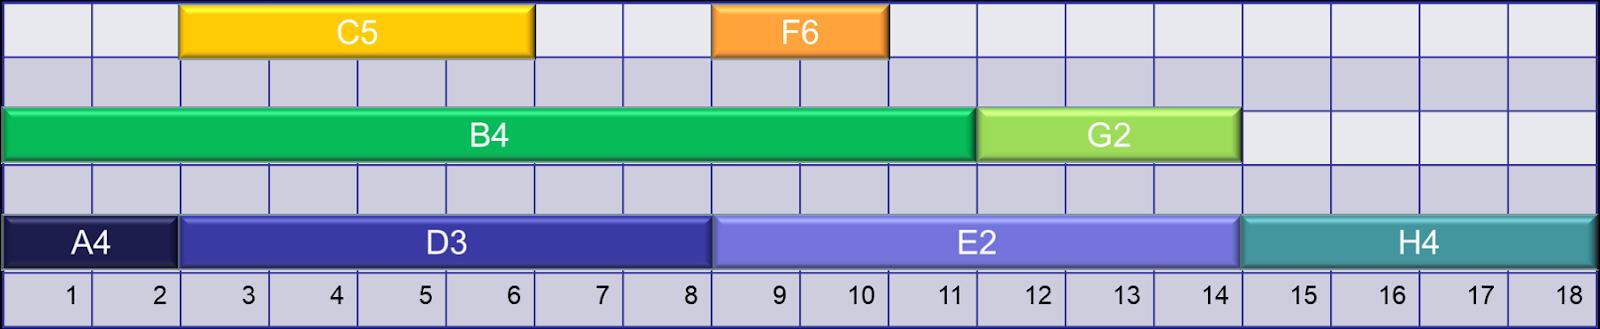 Exemple de diagramme de Gantt (temps en heures en x)